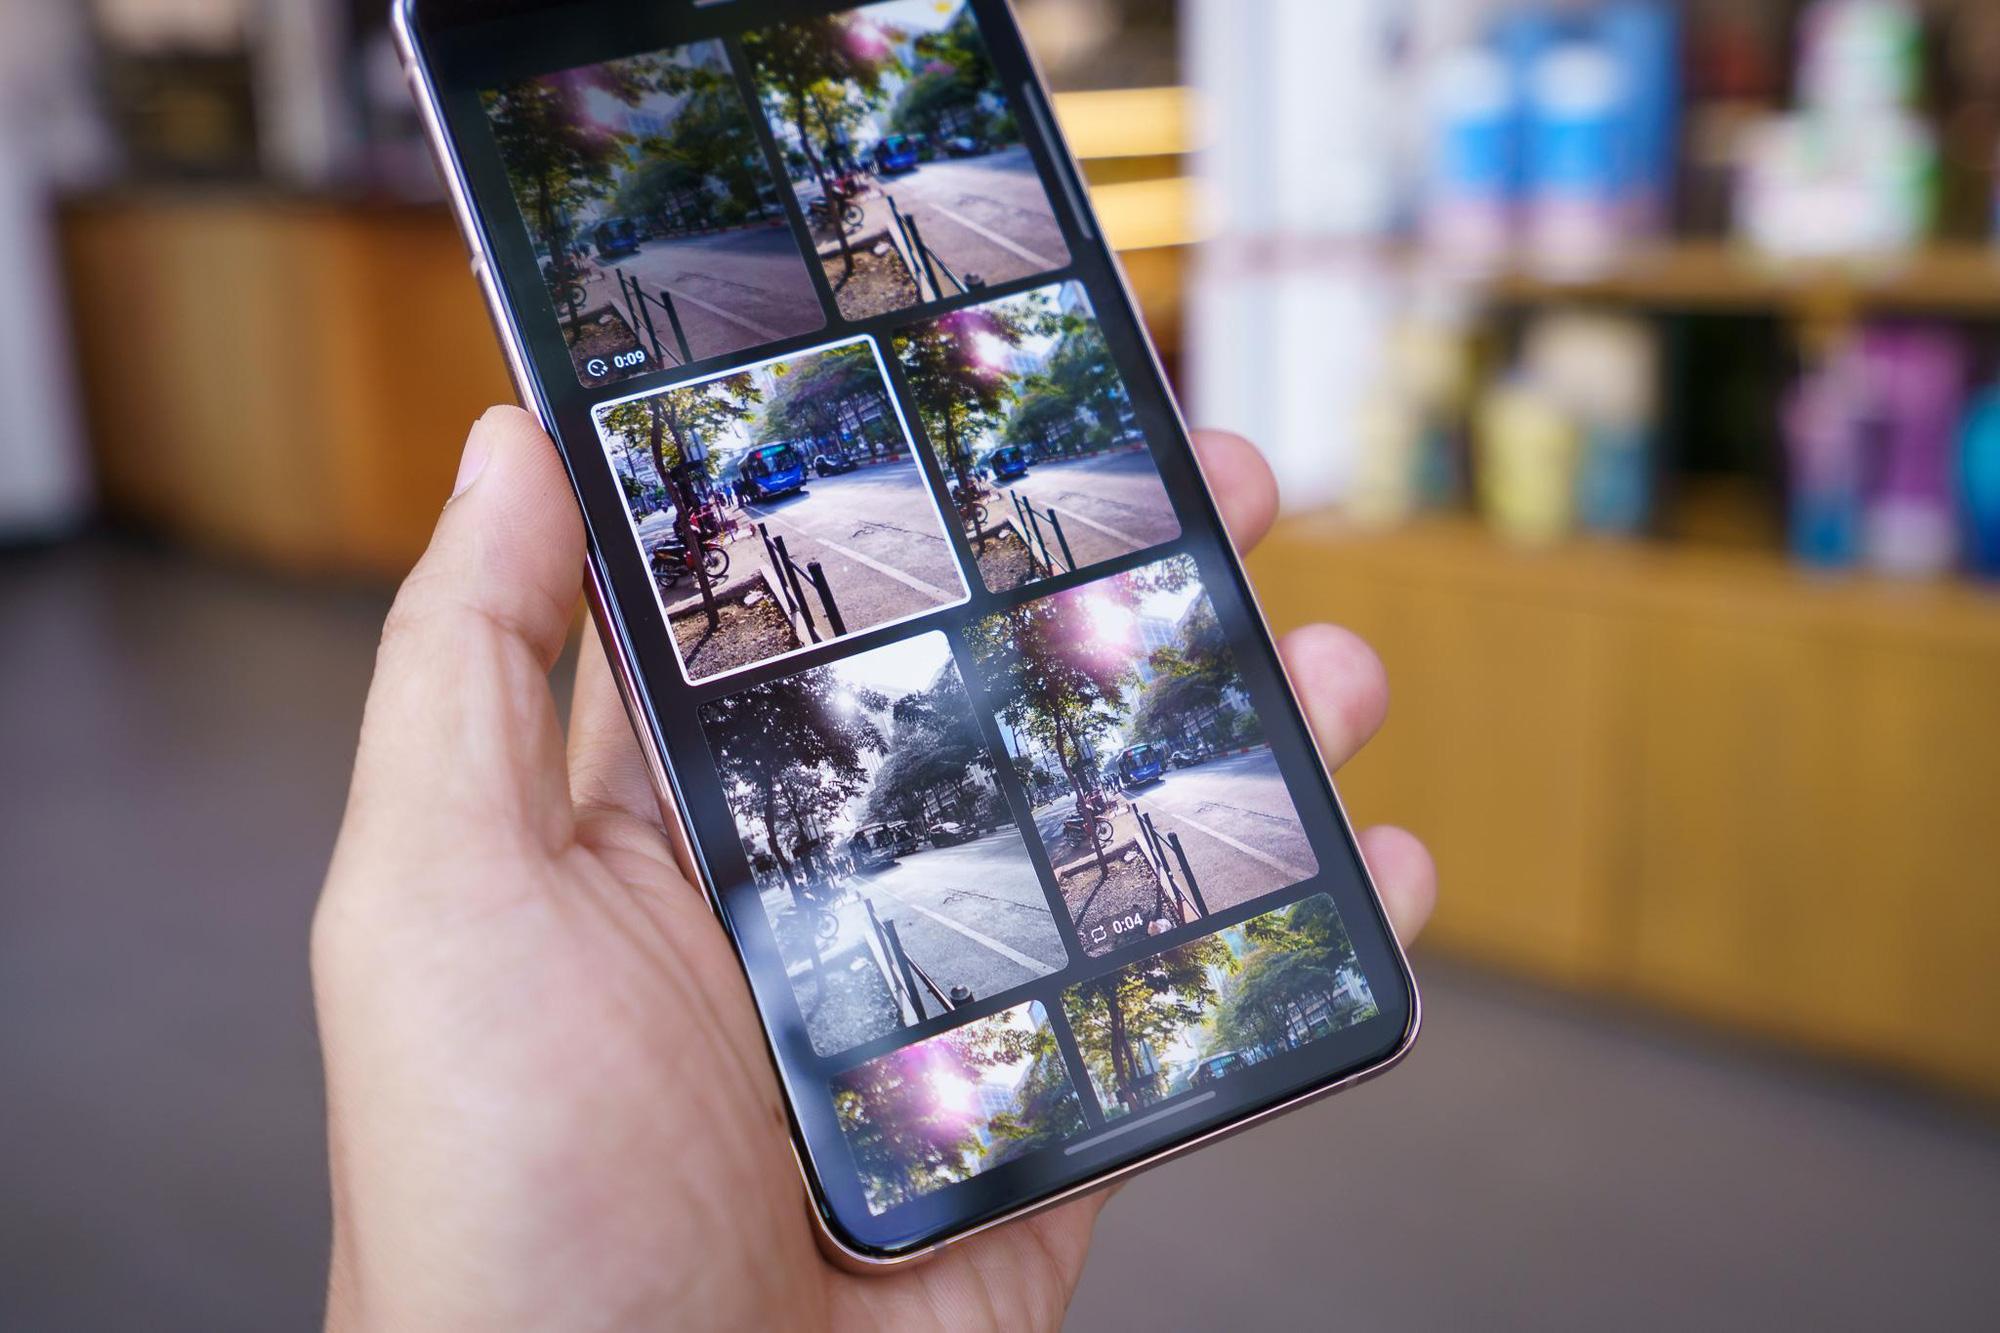 Bắt trọn mọi khoảnh khắc, từ video siêu chậm đến siêu nhanh chỉ cần 1 nút với Galaxy S21 - Ảnh 2.